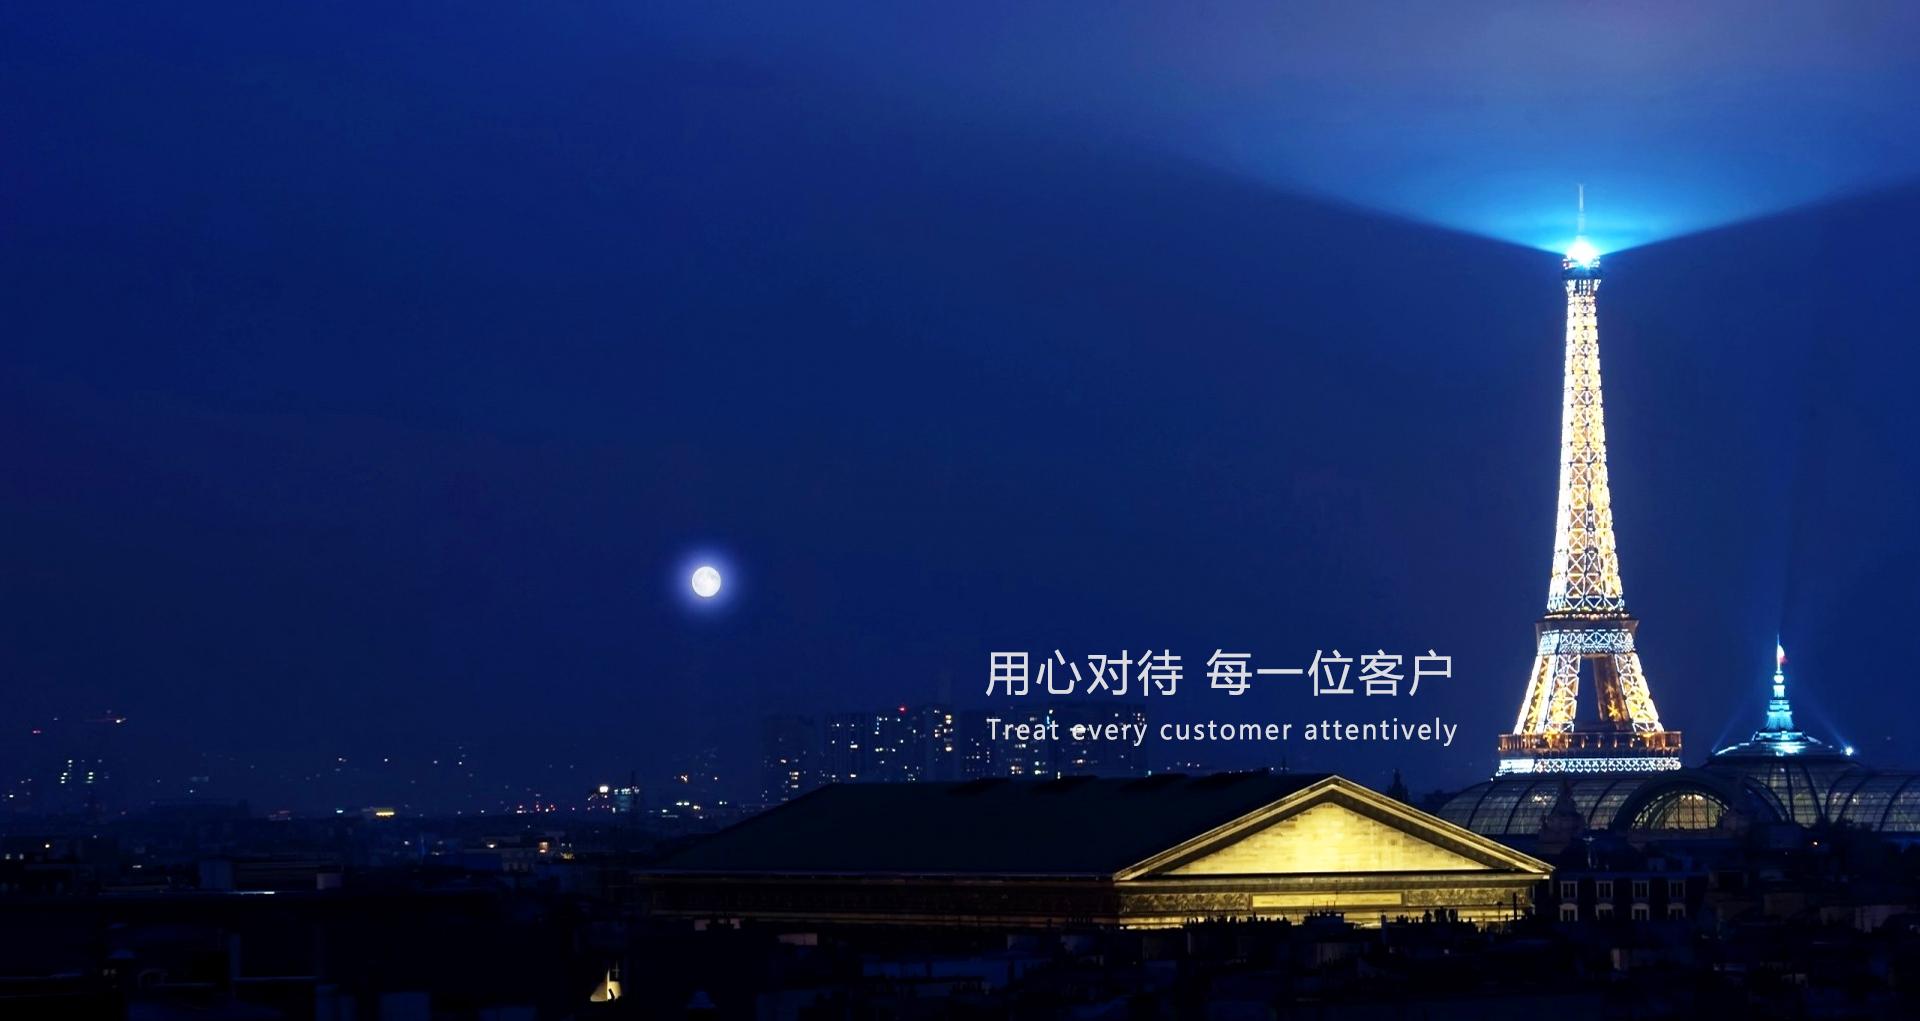 夜景效果图